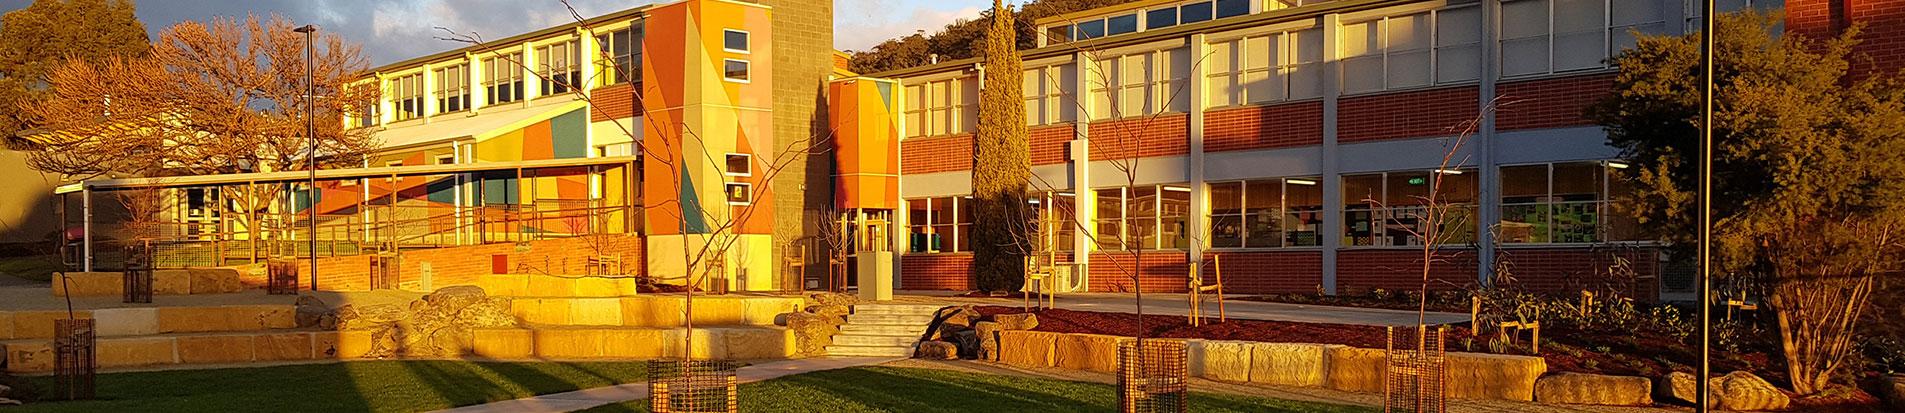 School Slider Image Three